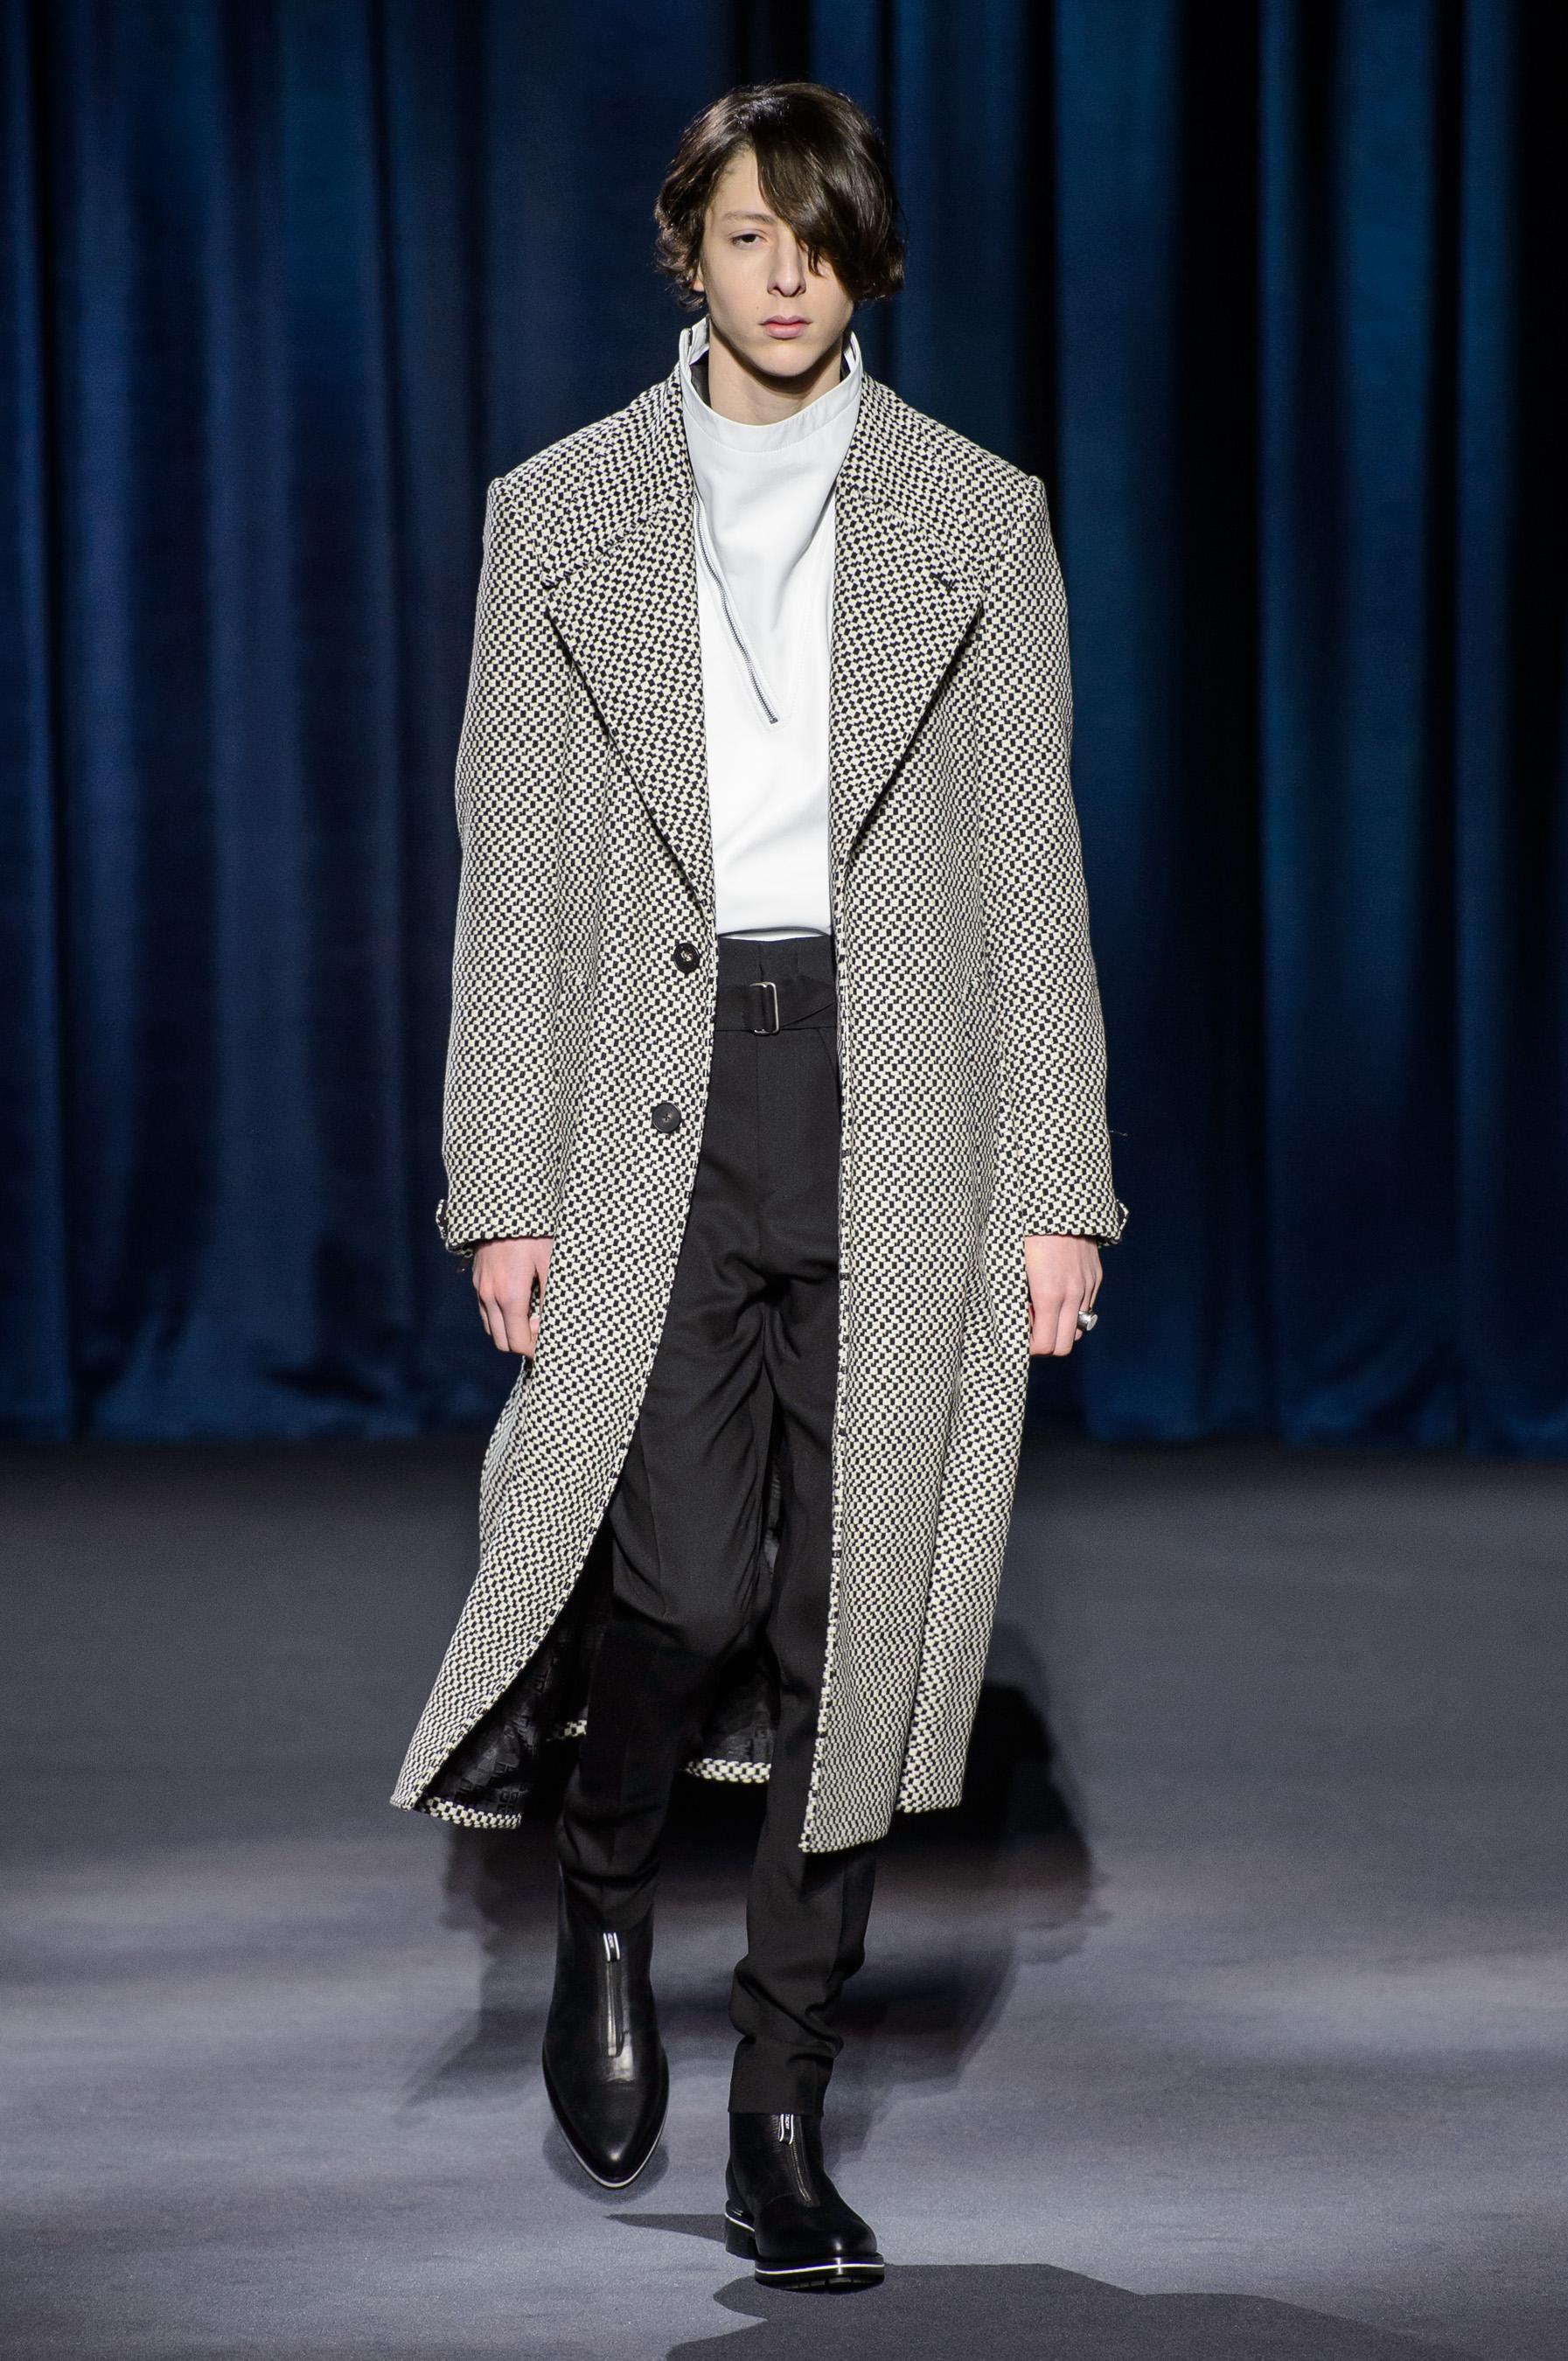 Défilé Givenchy Prêt à porter Automne-hiver 2018 2019 . d0944b5f2bd